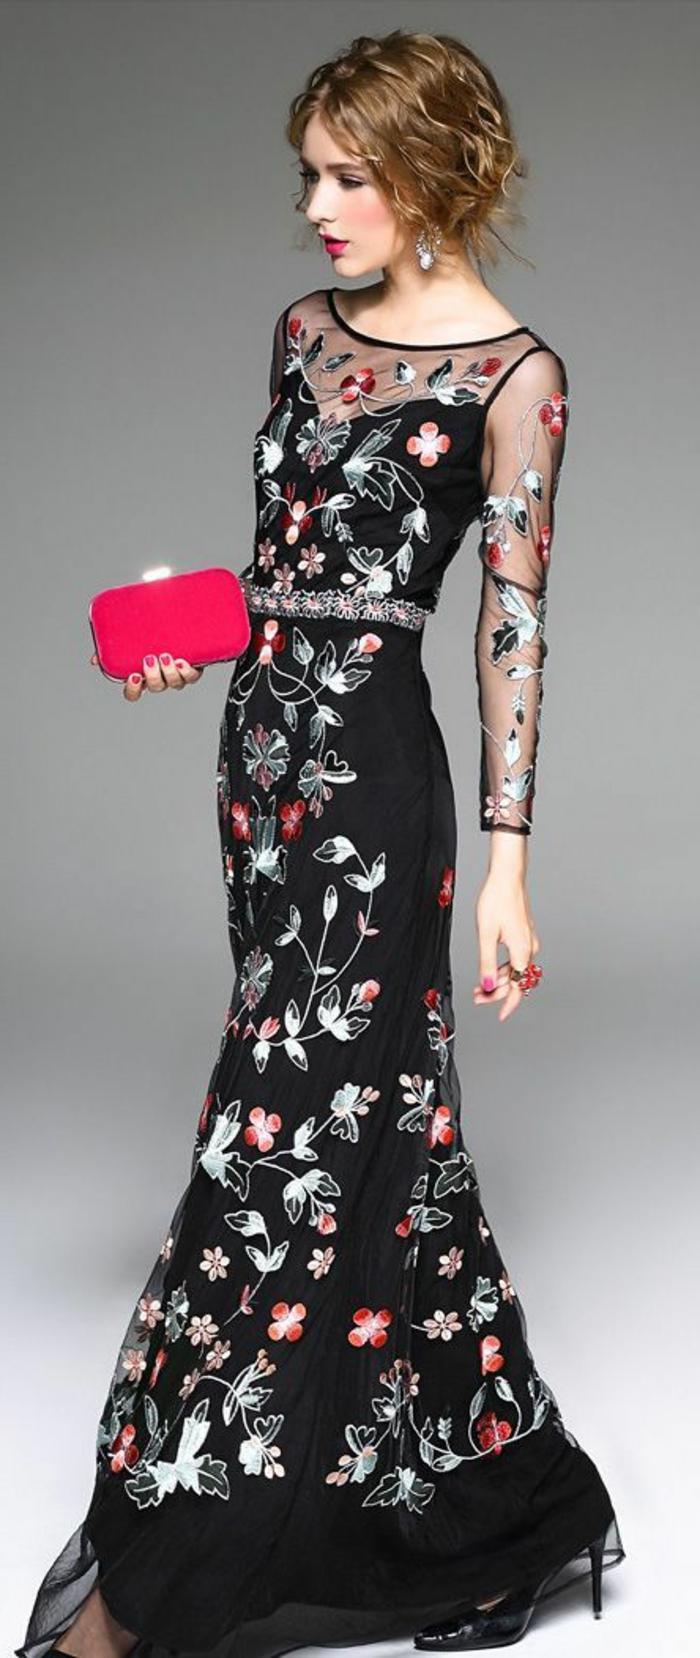 tenue chic mariage et grande soirée aux manches et épaules transparentes et broderies de fleurs